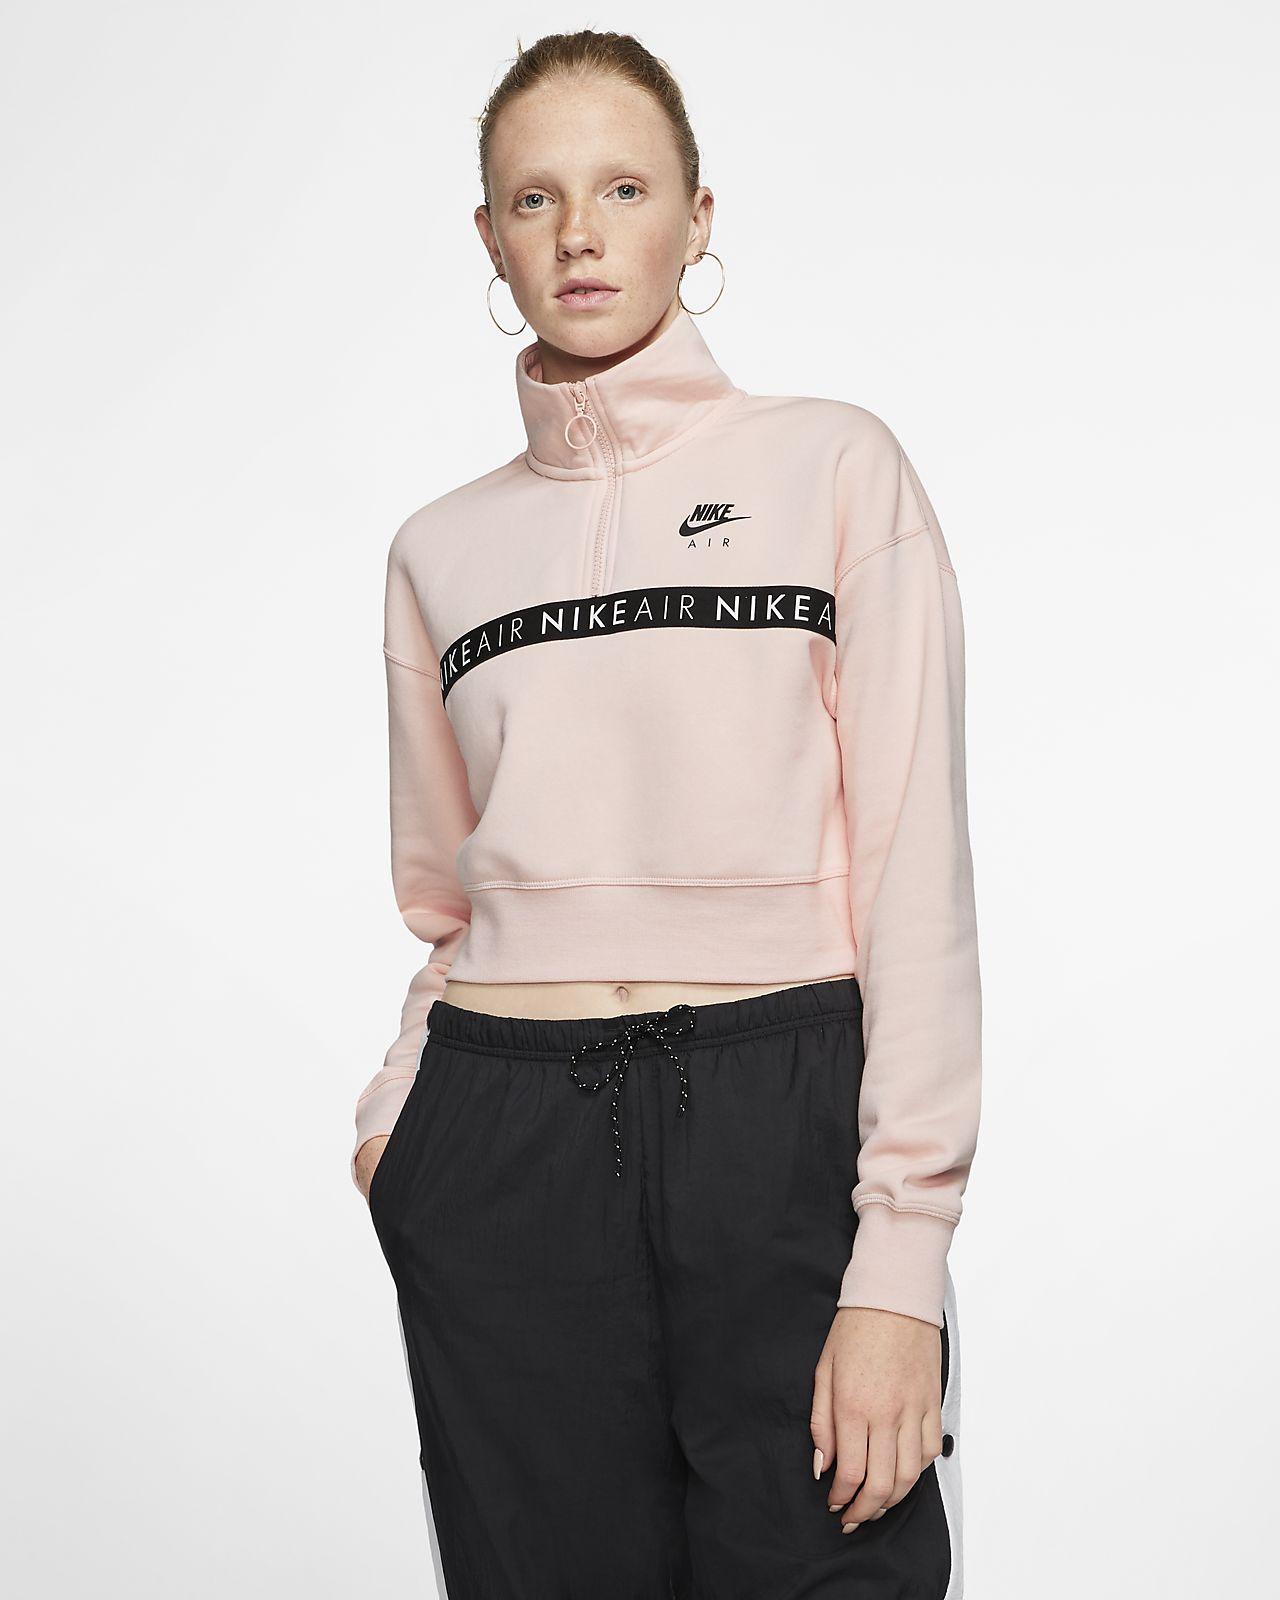 Γυναικεία μπλούζα με φερμουάρ στο μισό μήκος Nike Air